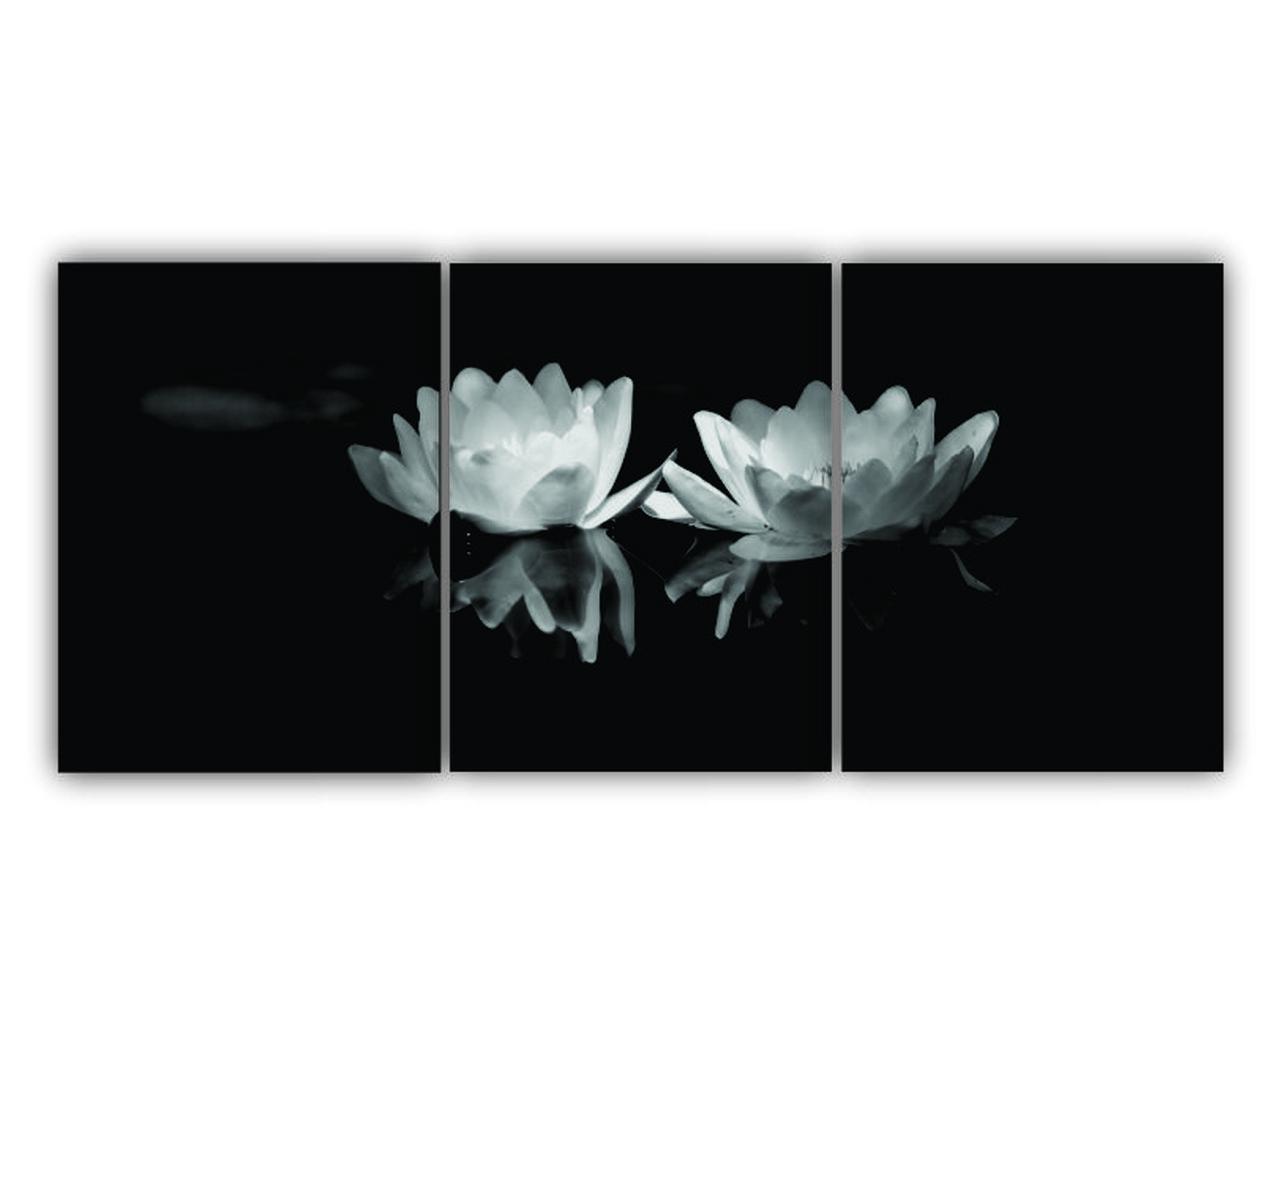 Quadro Lotus Moderno Preto e Branco - Kit 3 telas